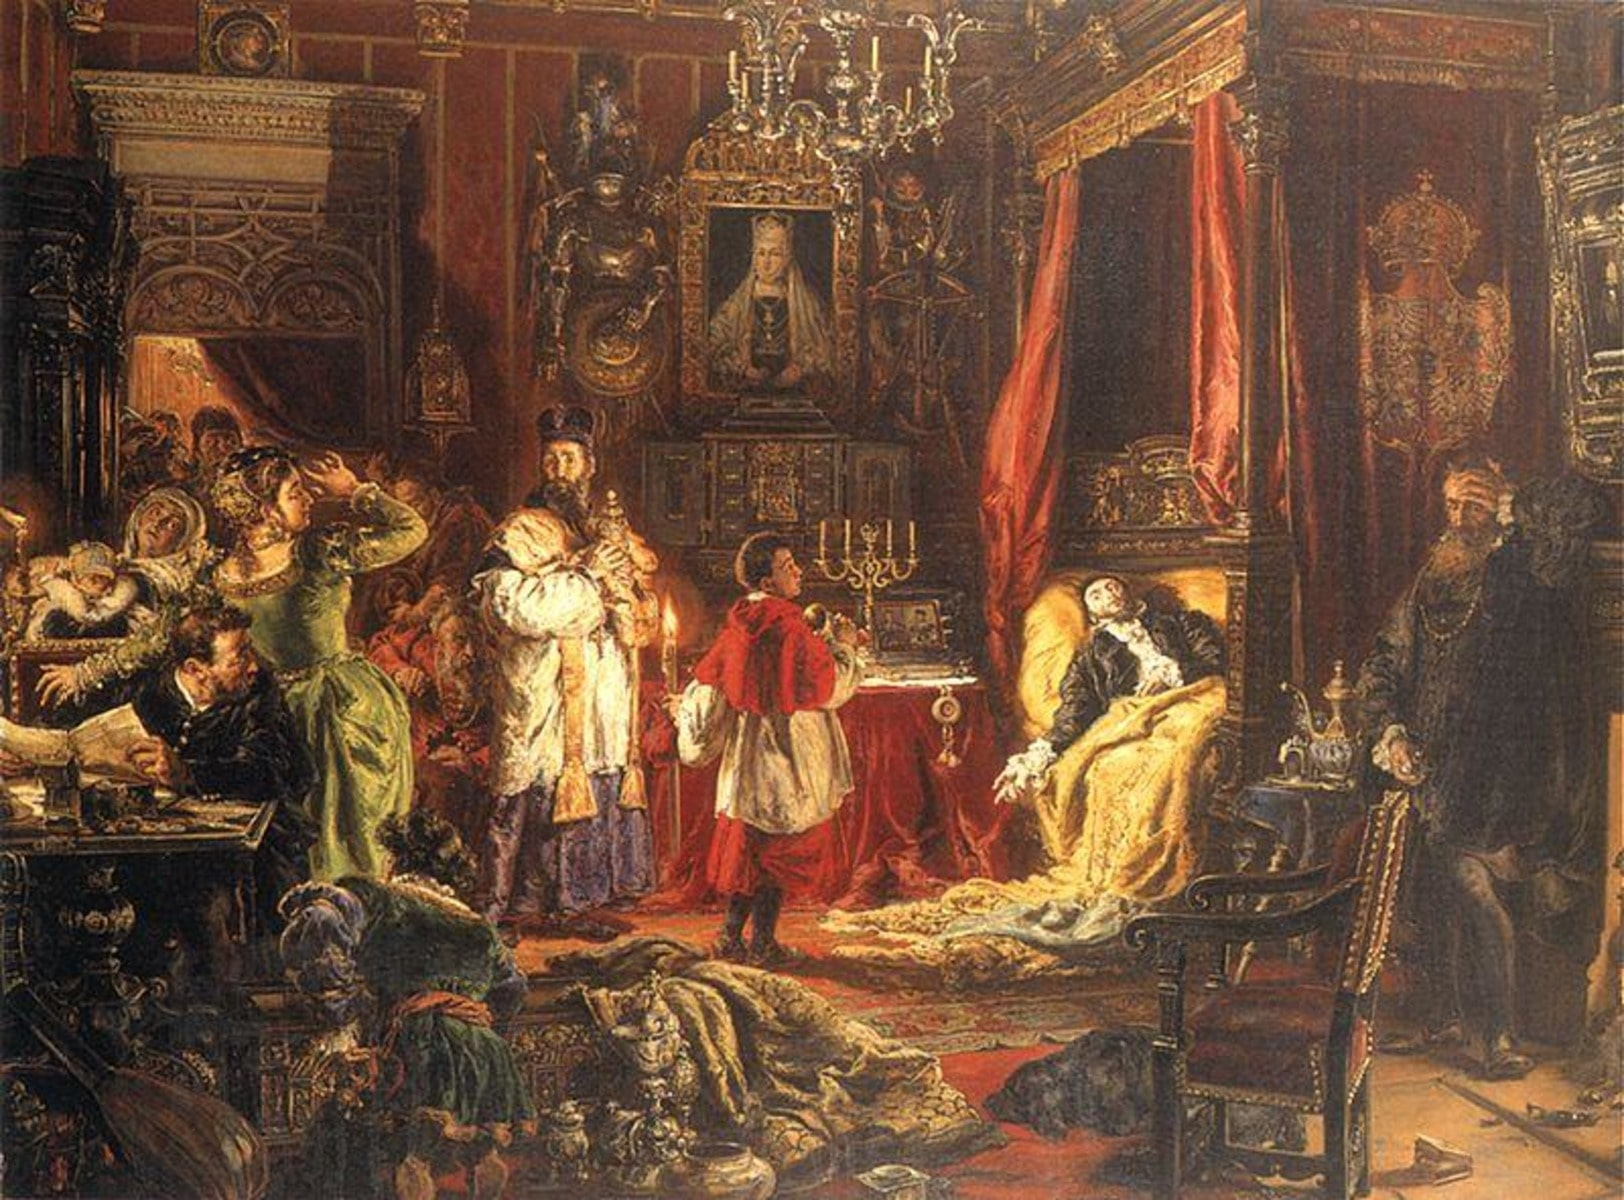 Жигимонт Сигизмунд Второй стал последним великим князем ВКЛ из рода Ягайло